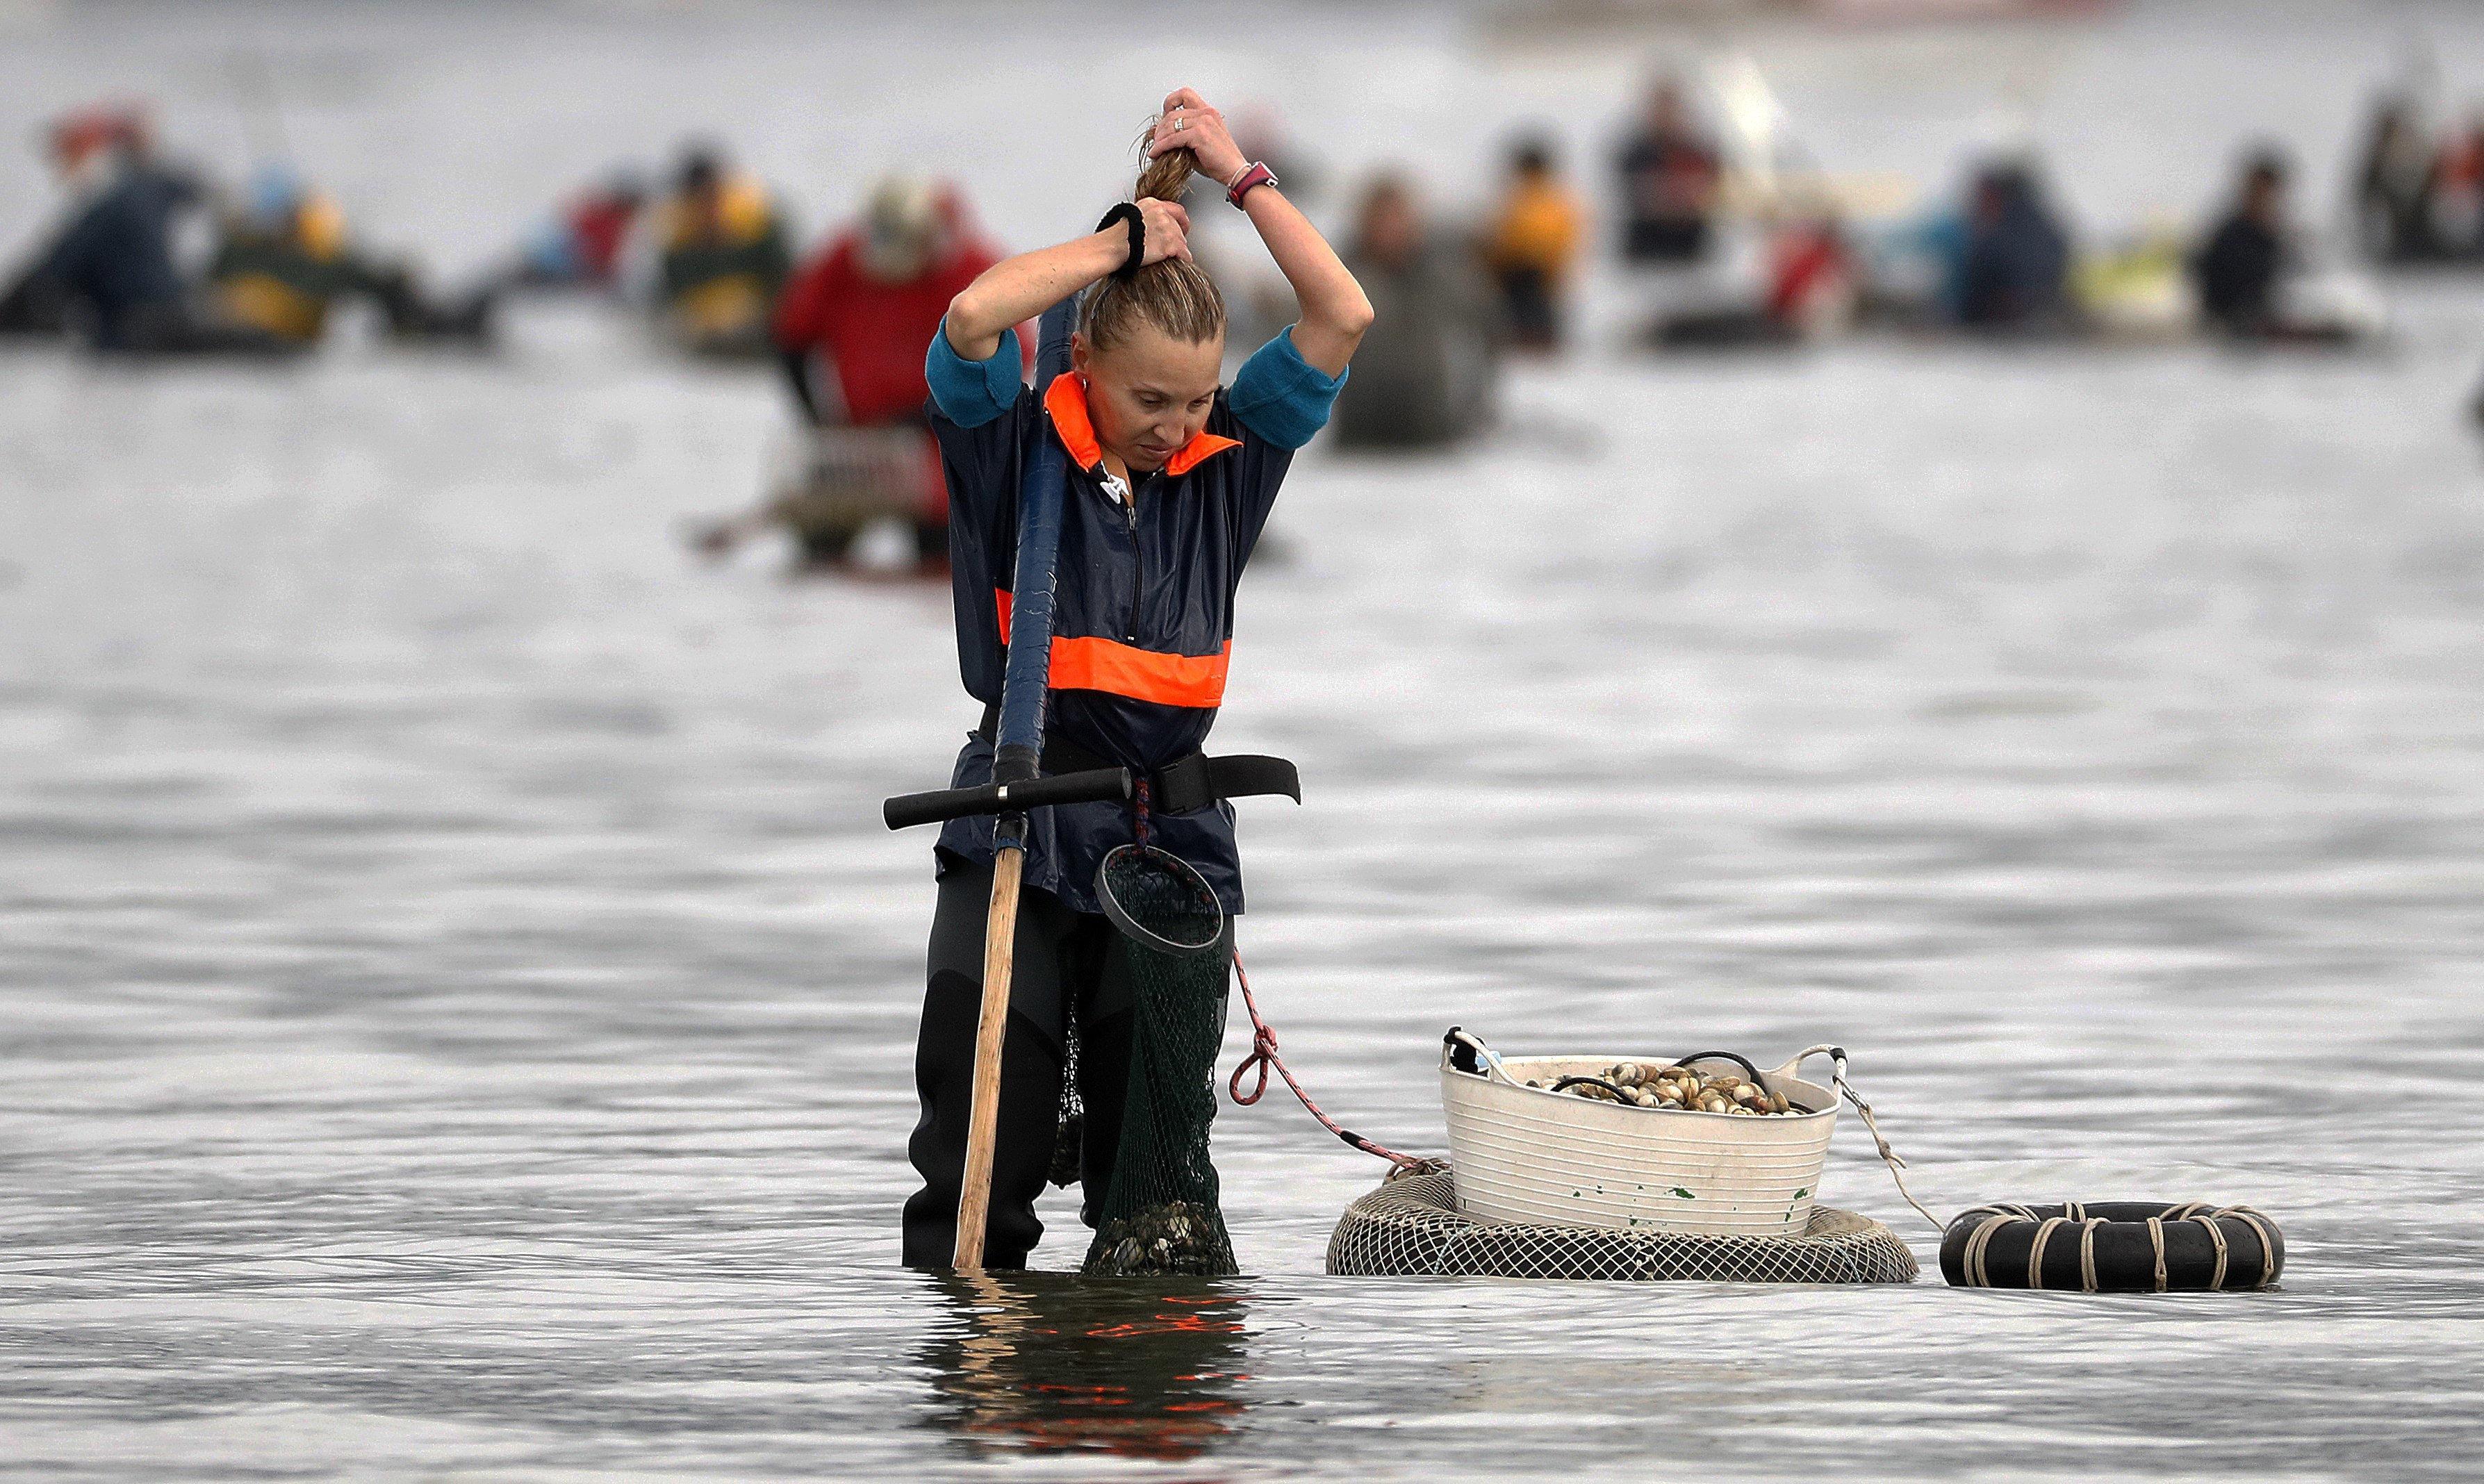 Uns 1500 mariscadors, uns a peu i uns altres amb vaixell, enceten la campanya a Noia. /LAVANDEIRA JR